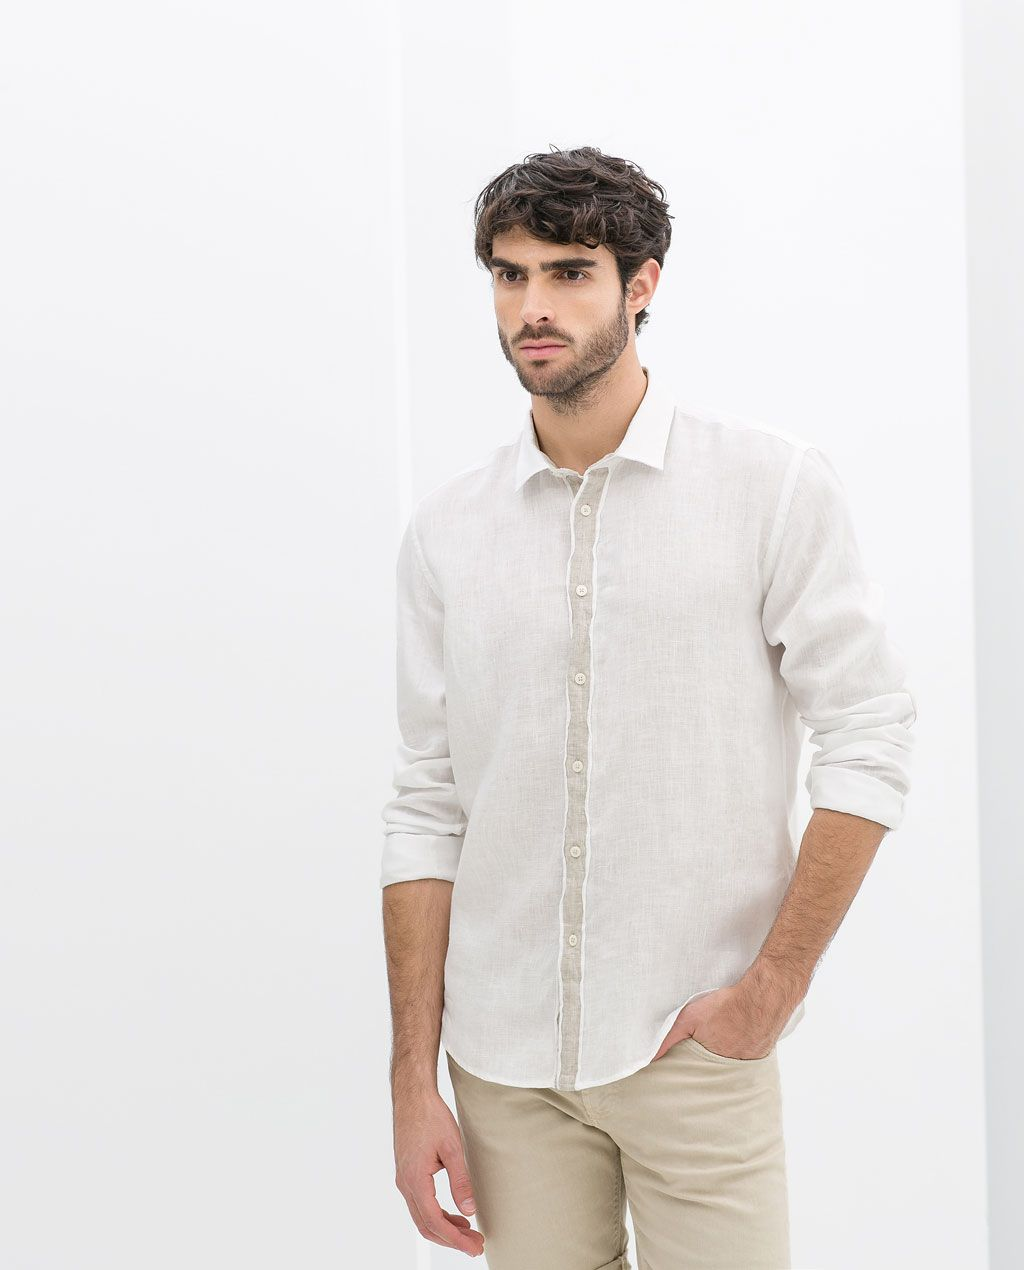 Damas Camisas De Lino de alta calidad - Compra lotes